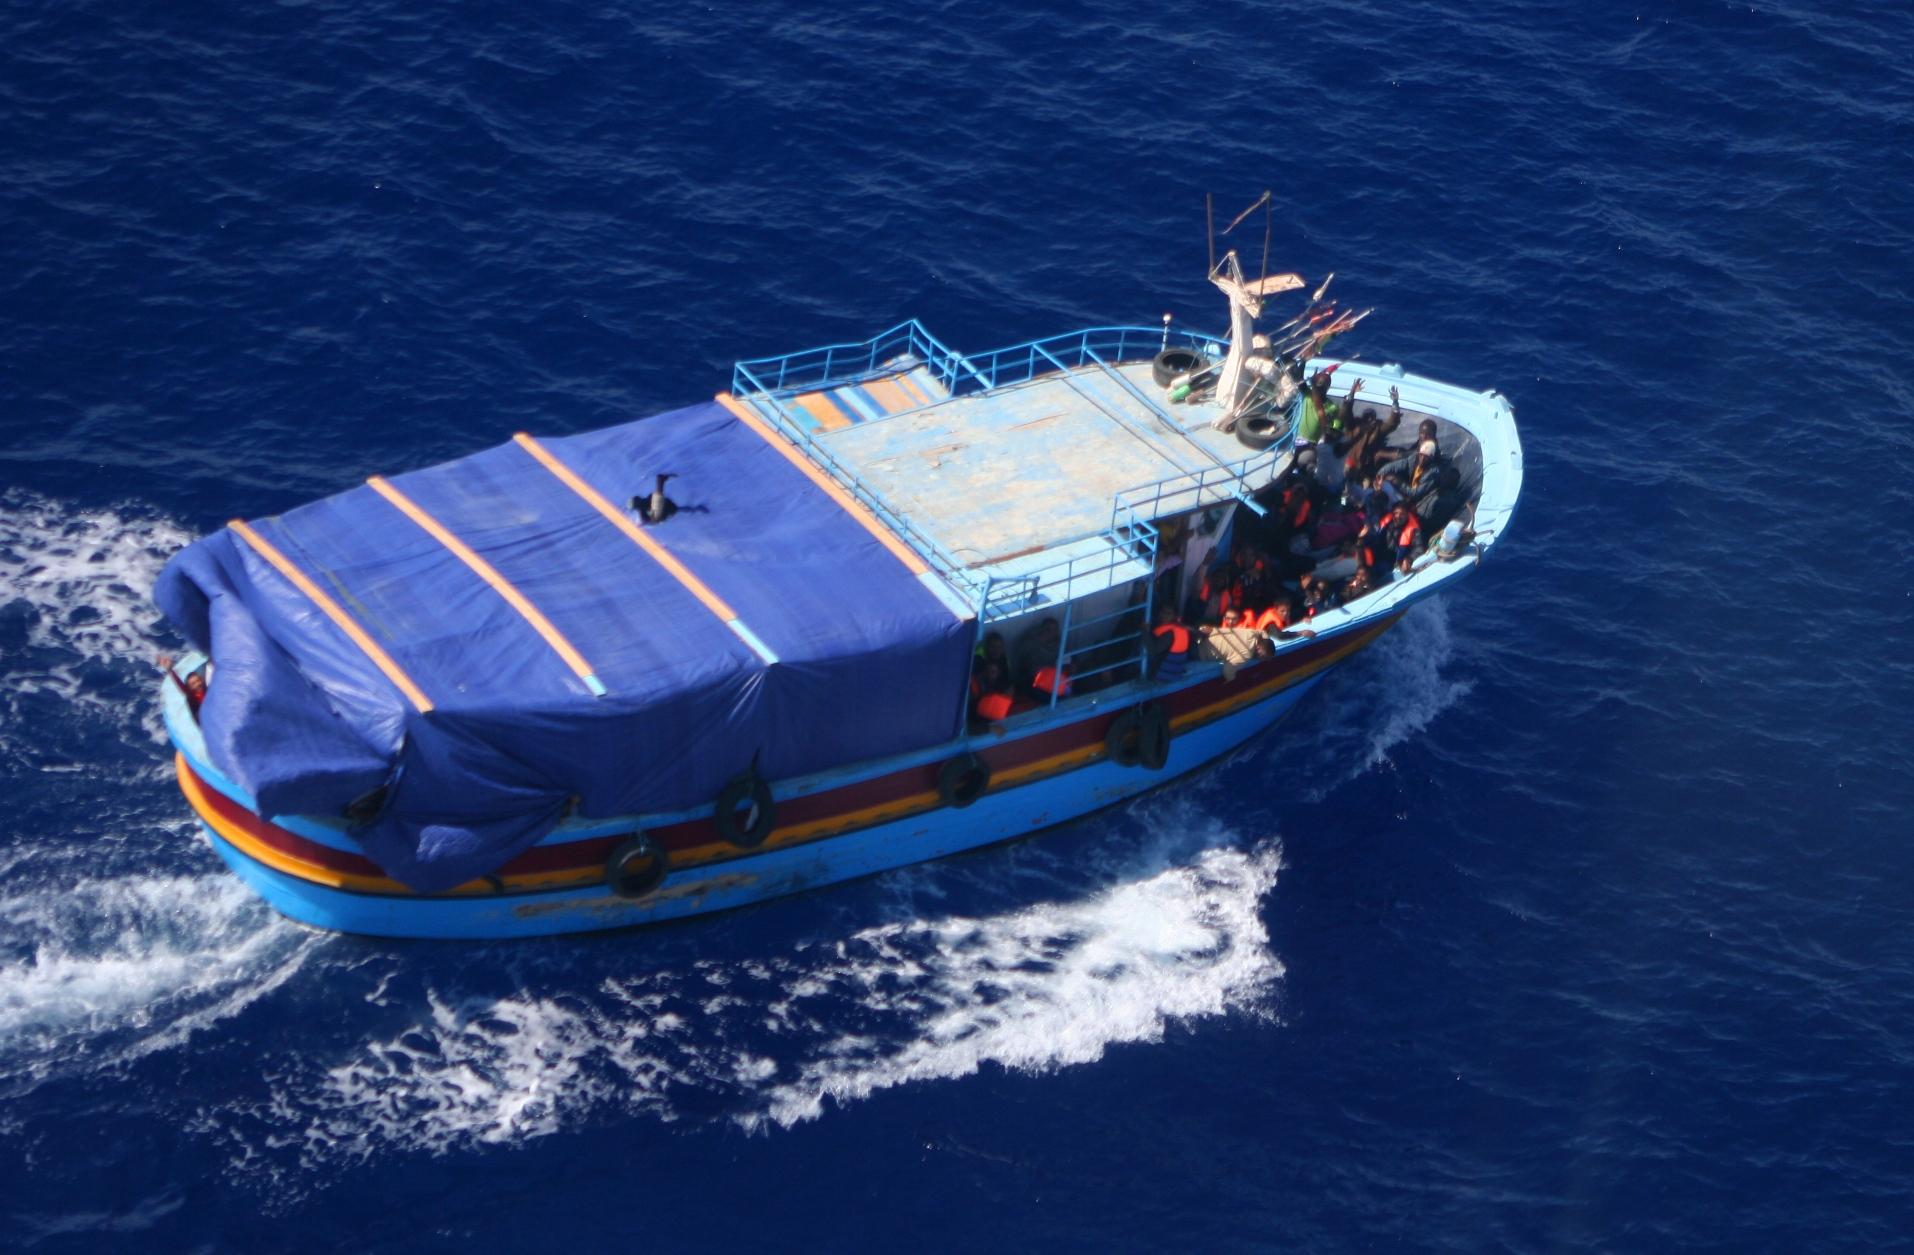 BR-1150 Atlantic del 41° Stormo ha intercettato nel Mediterraneo un barcone peschereccio con numerose persone